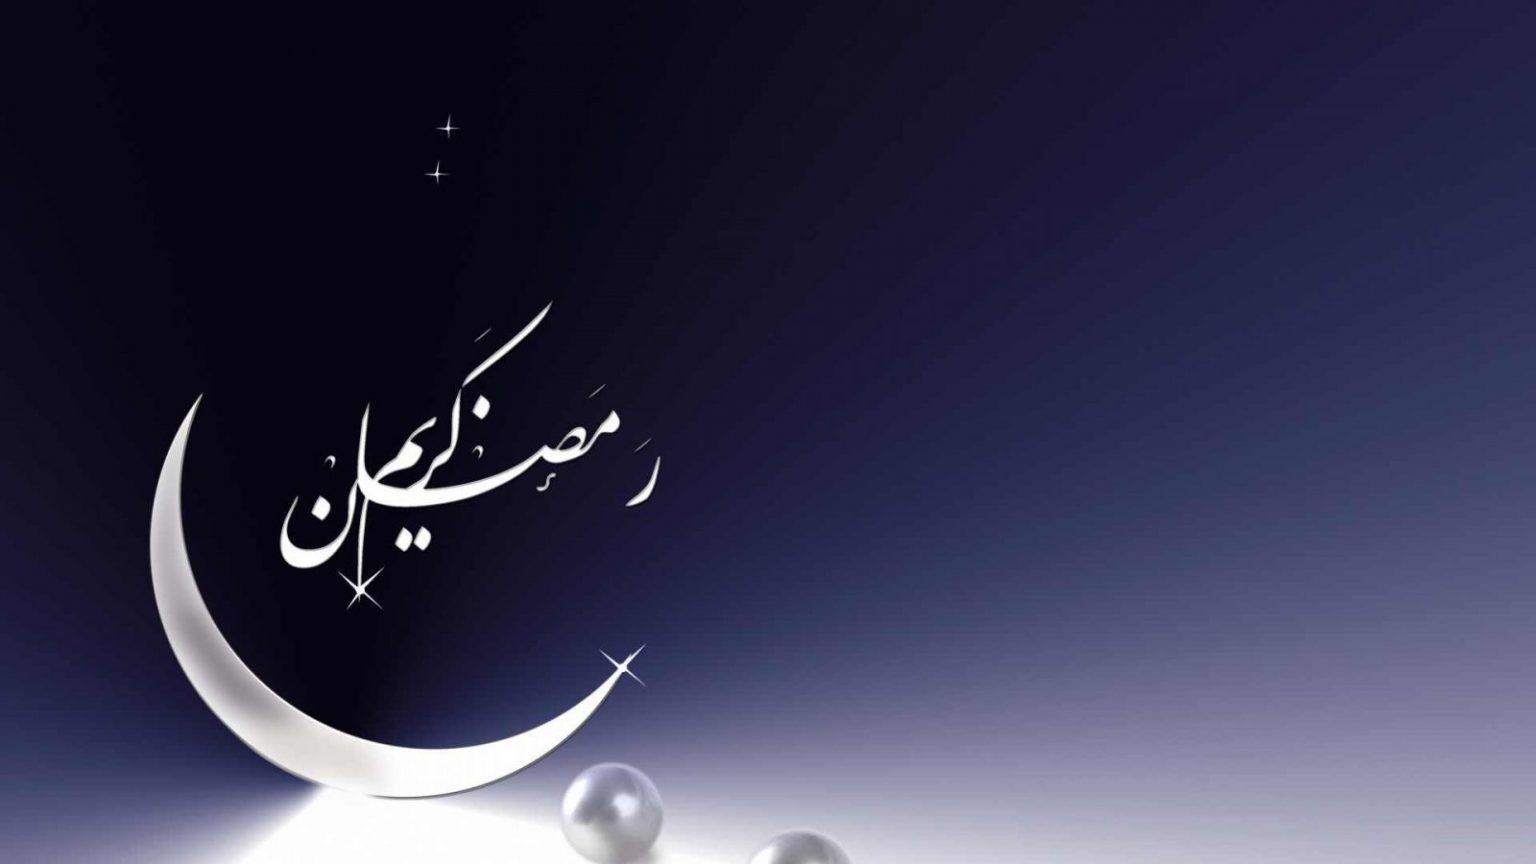 بيان رسمي من الأوقاف منذ قليل حول صلاة التراويح بالمساجد رمضان 2021 والإعتكاف بالعشر الأواخر 2